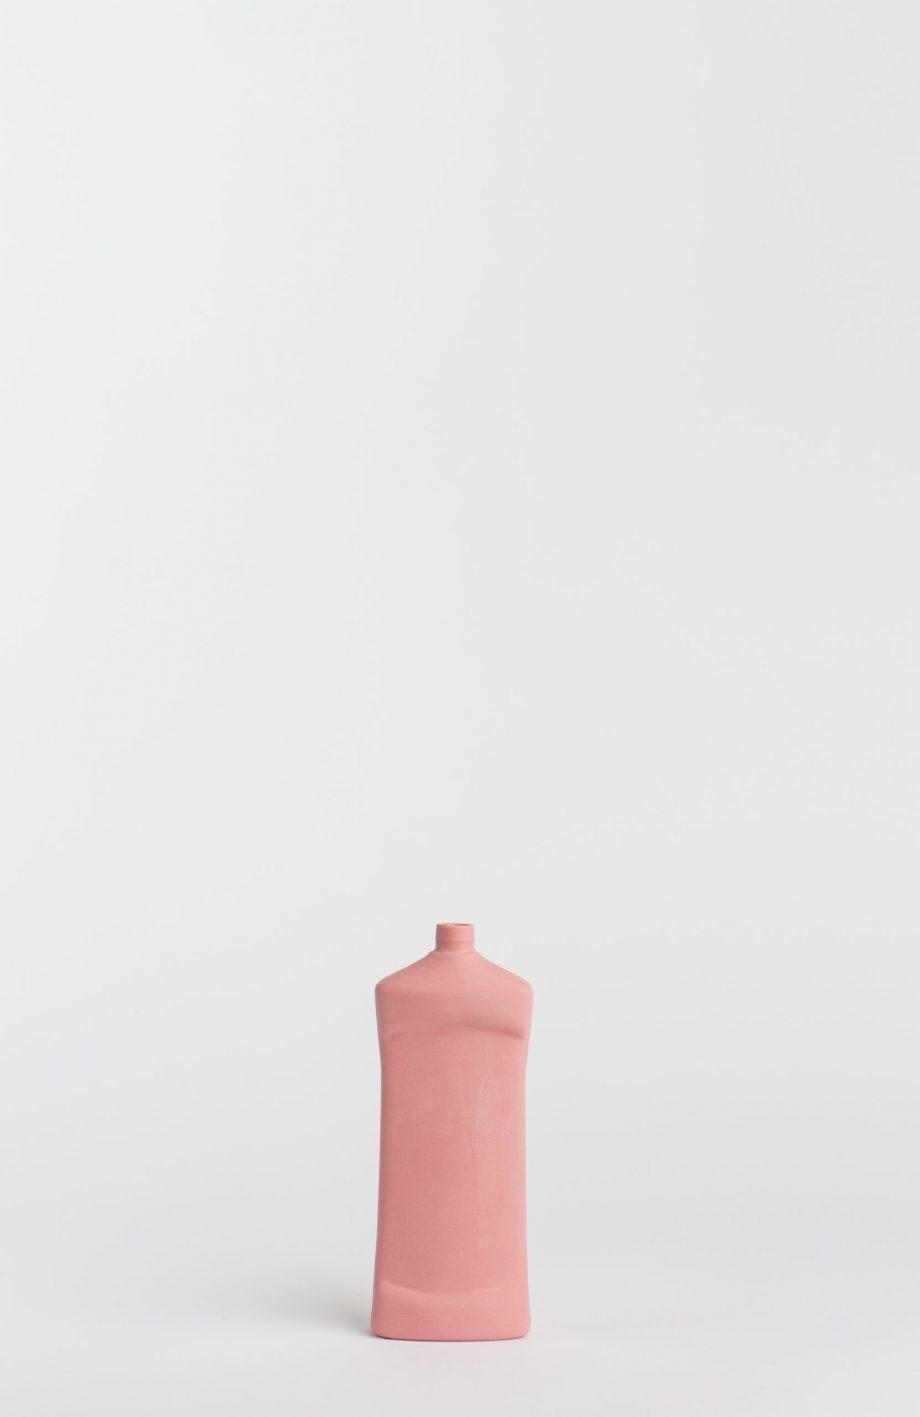 bottlevase #14 pink